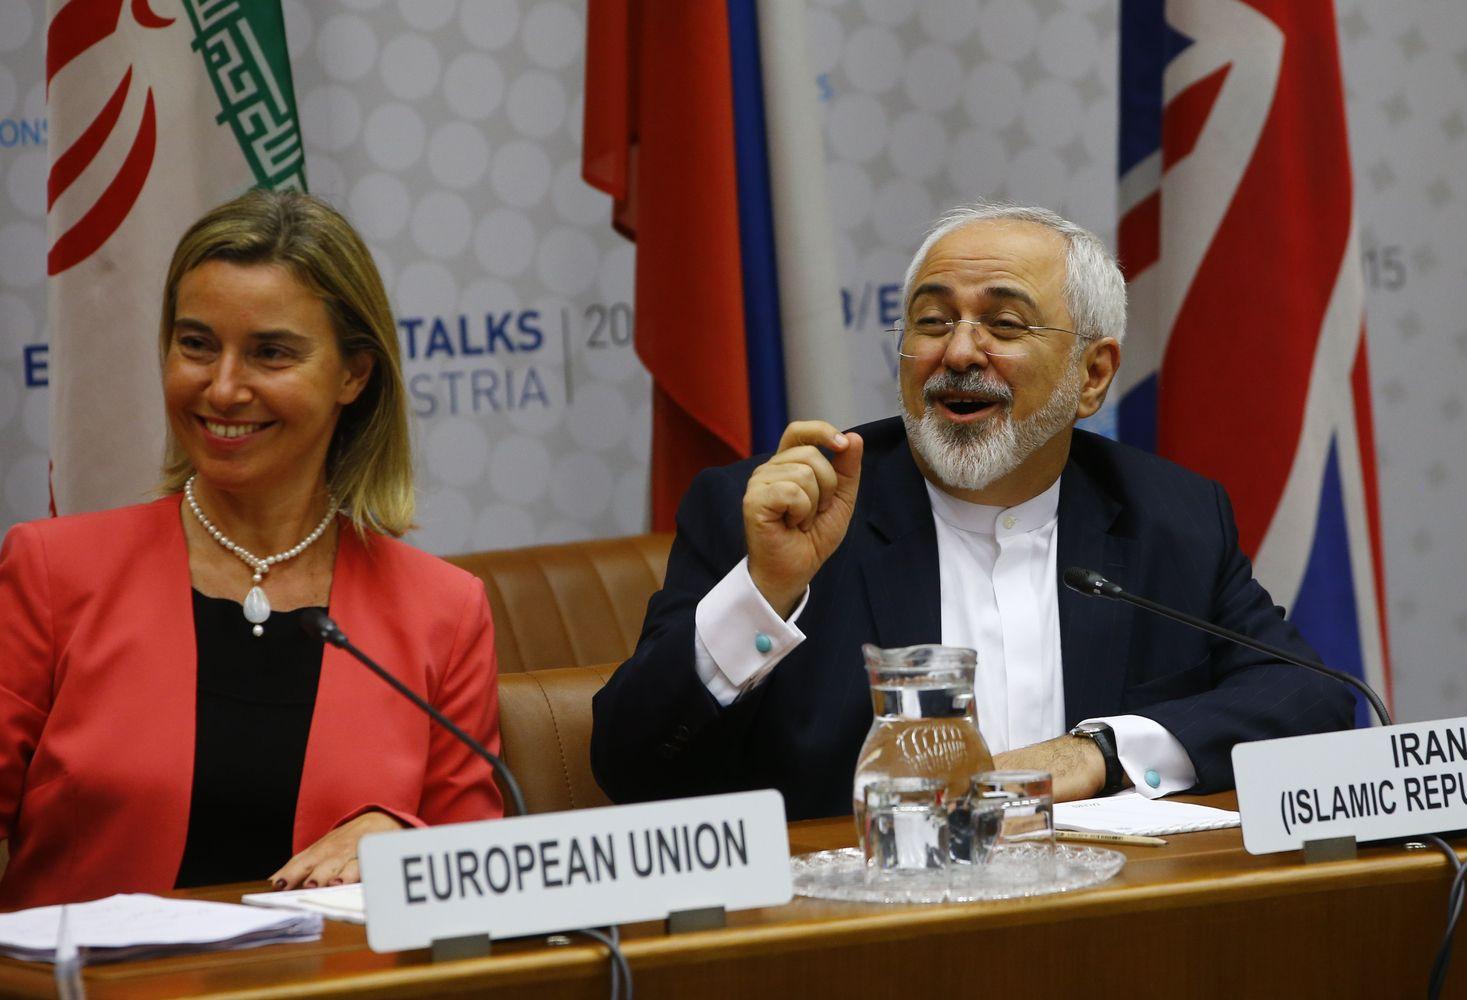 ES paleis naują mokėjimų sistemą, kuria siekiama apeiti JAV sankcijas Iranui